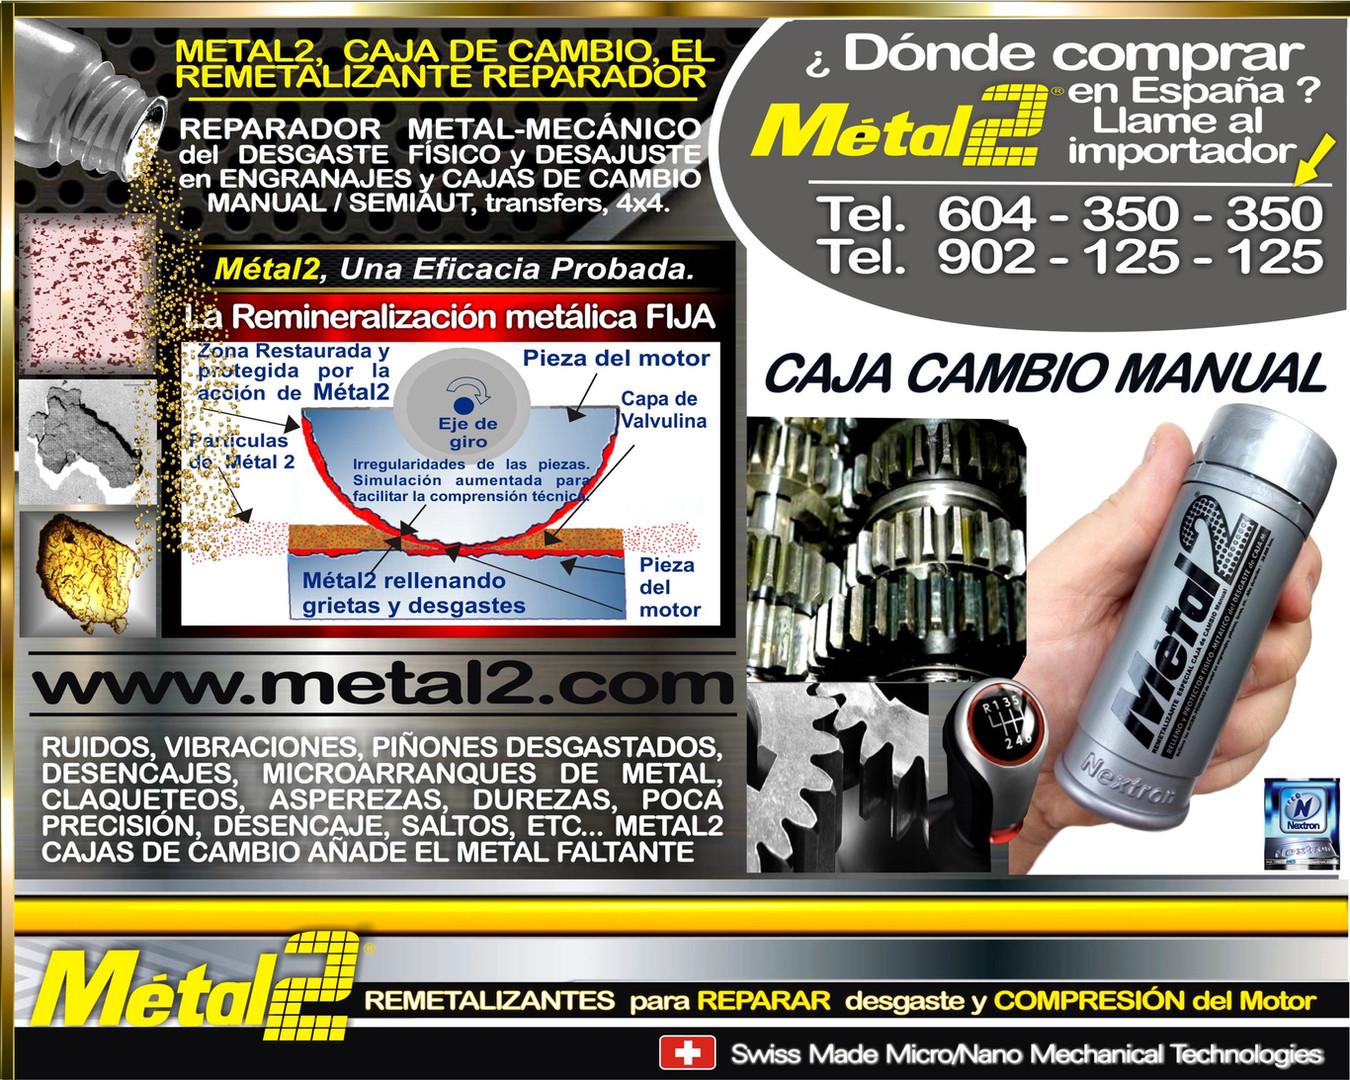 METAL2 REPARA CAJA CAMBIO